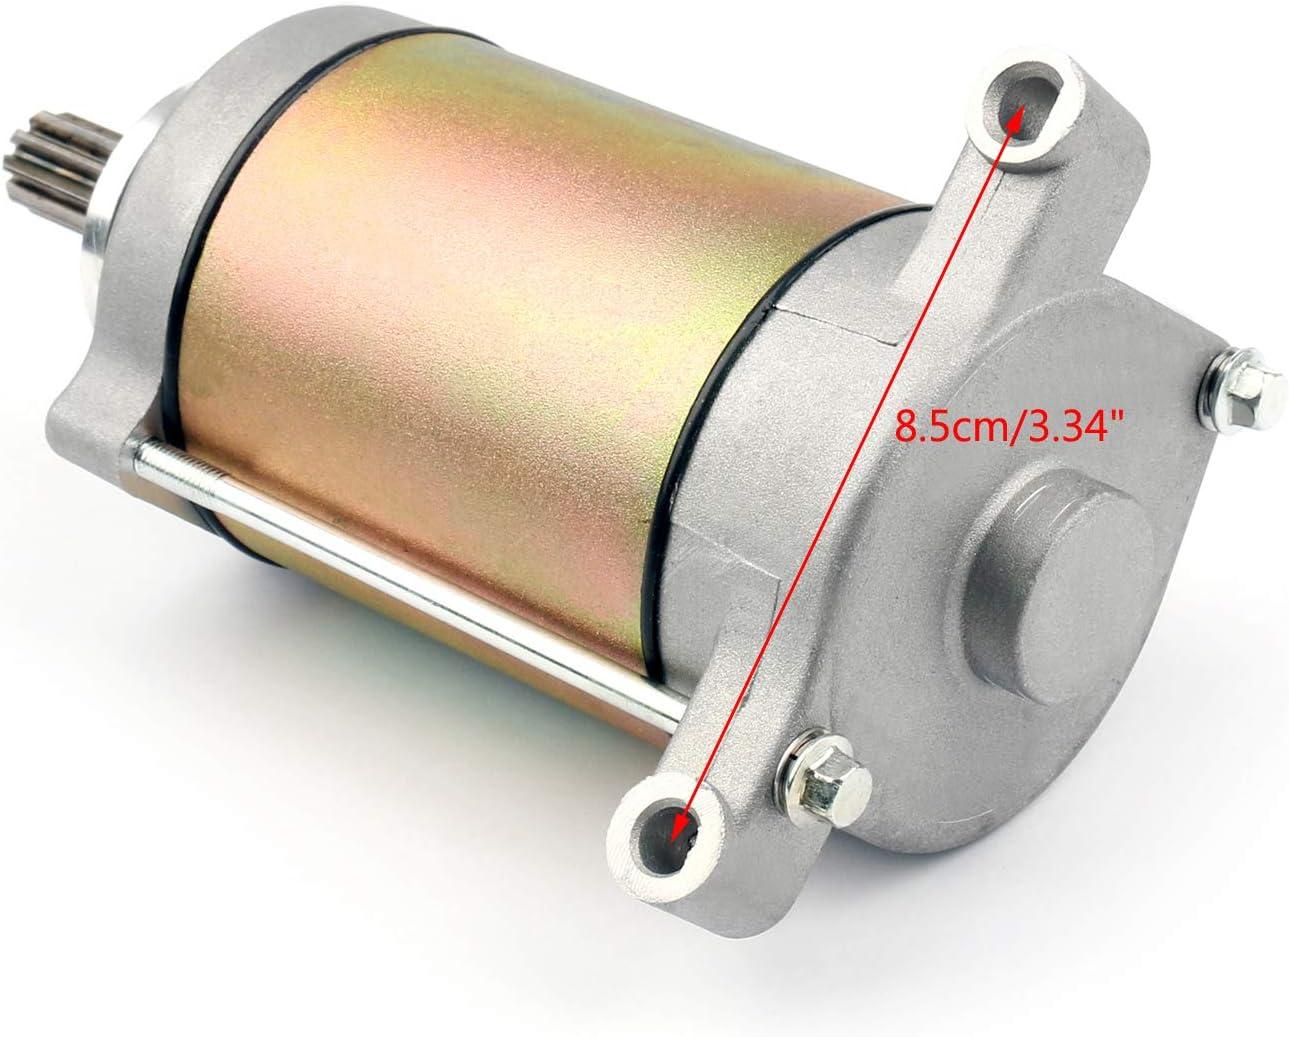 Areyourshop Motor Starter For CF Moto CF500 EFI Tracker X5 X6 Z6 Rancher 600 Linhai ATV M550